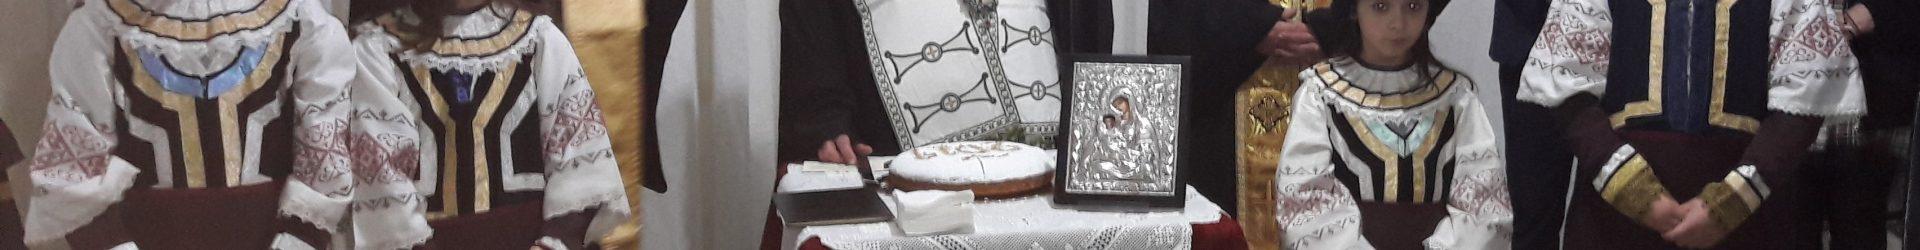 Κοπή πίτας 2019 στο τον Σύλλογο Σαρακατσάνων Ξάνθης «Ο Λεπενιώτης»